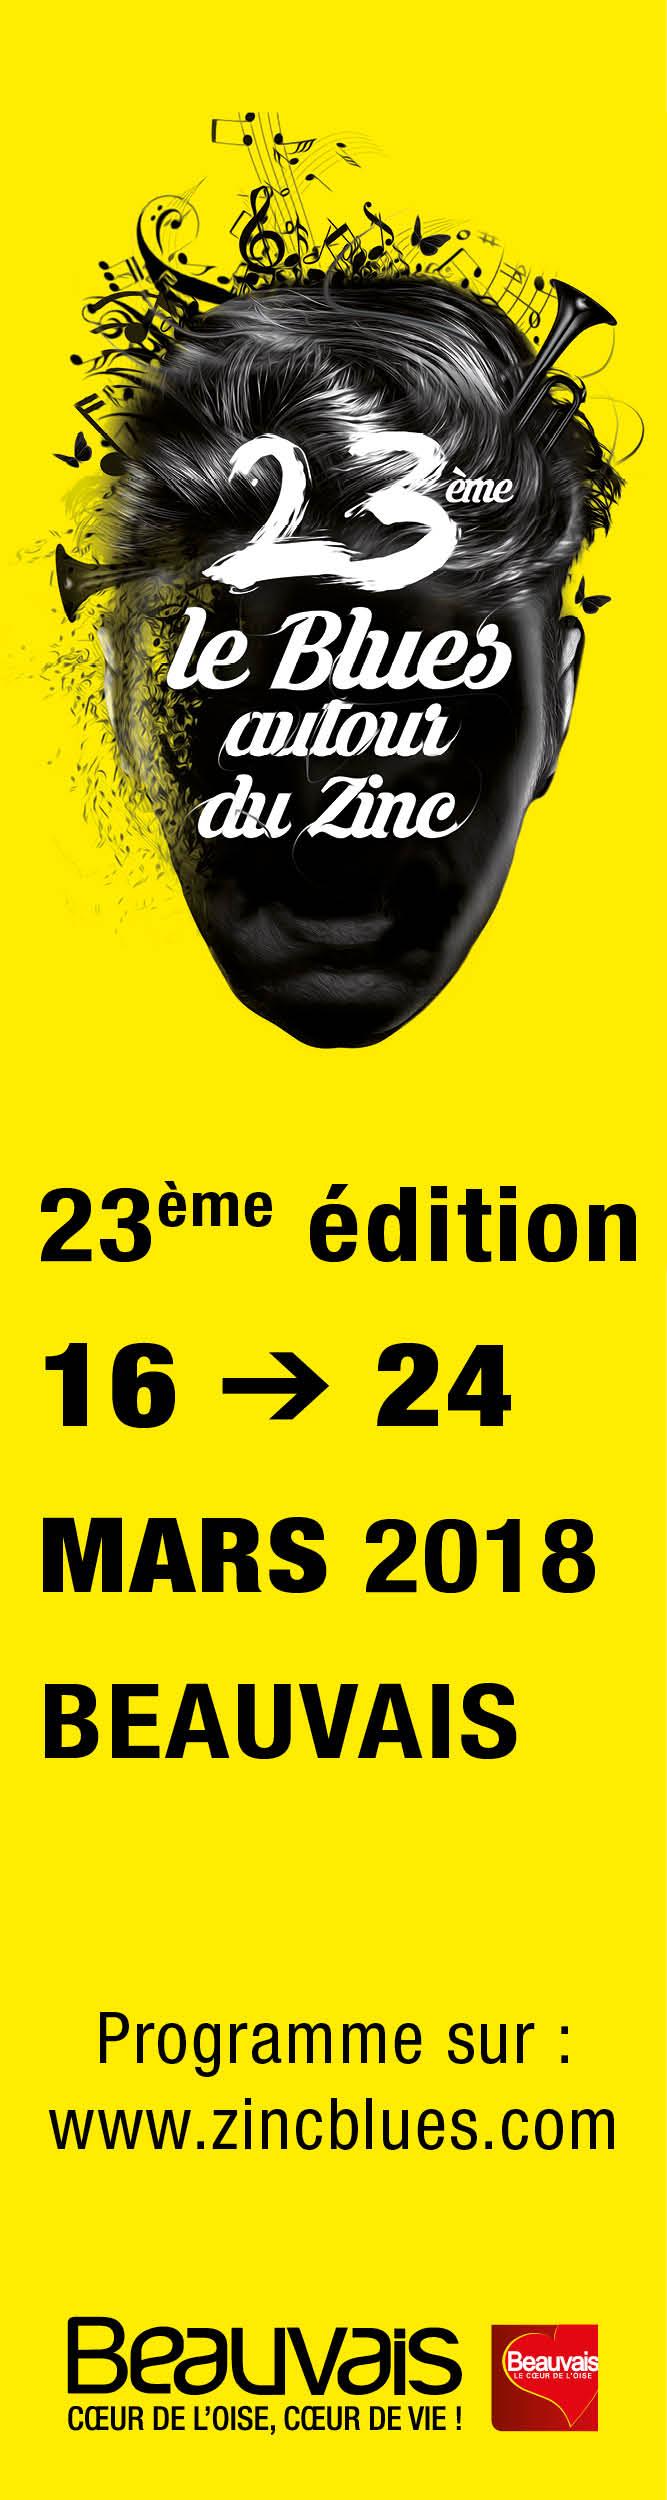 23ème édition du festival Le Blues autour du Zinc